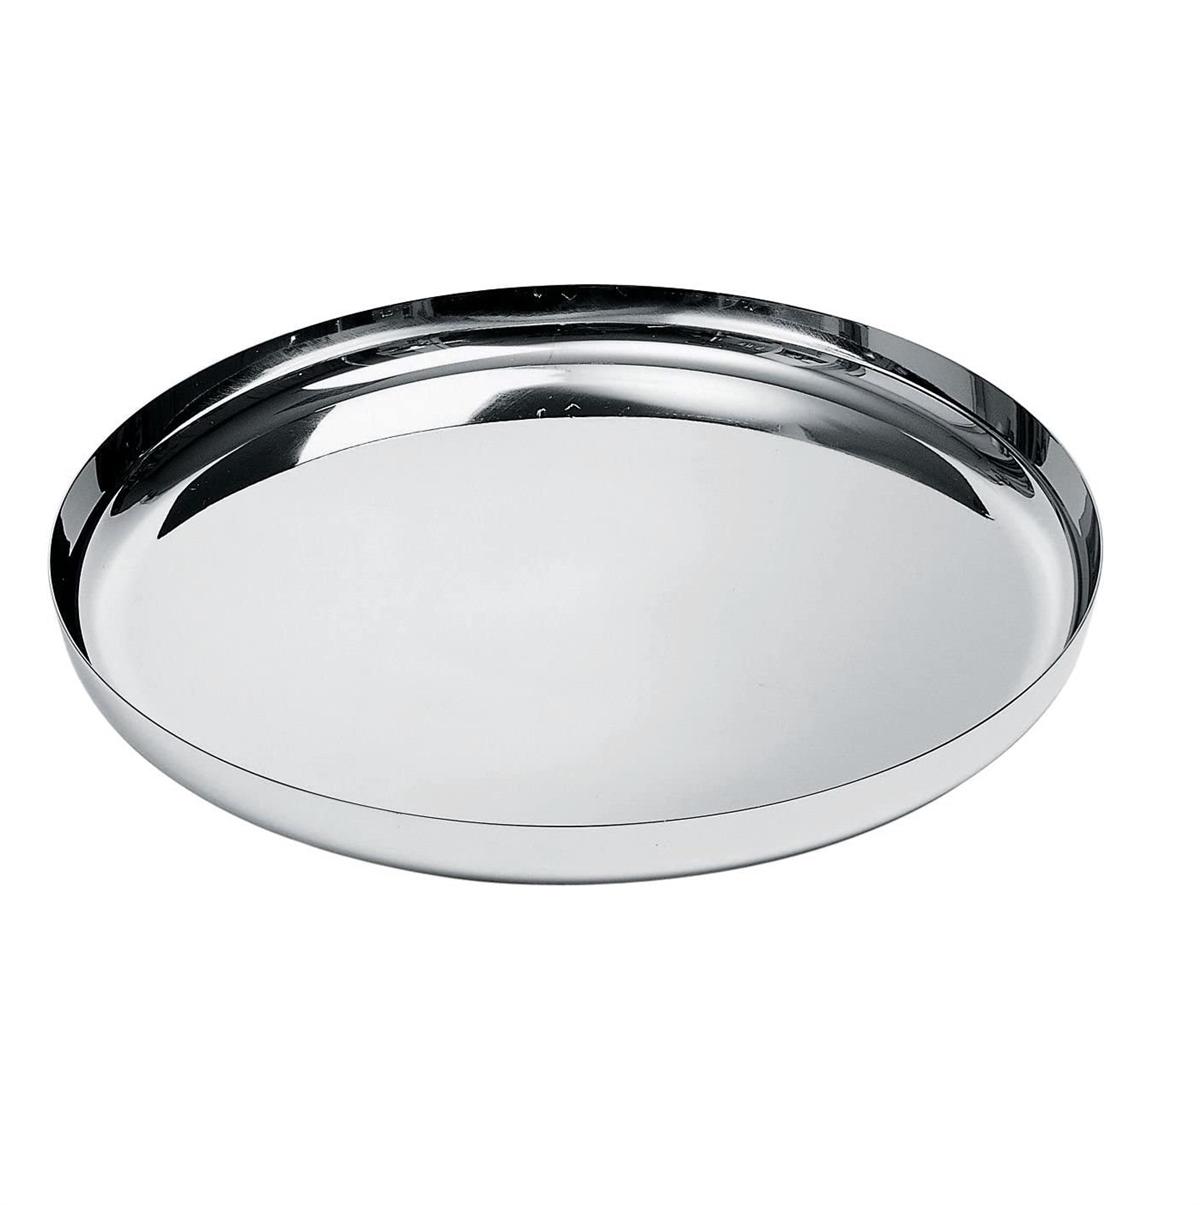 Alessi-Round Tablett aus 18/10 Edelstahl spiegelpoliert